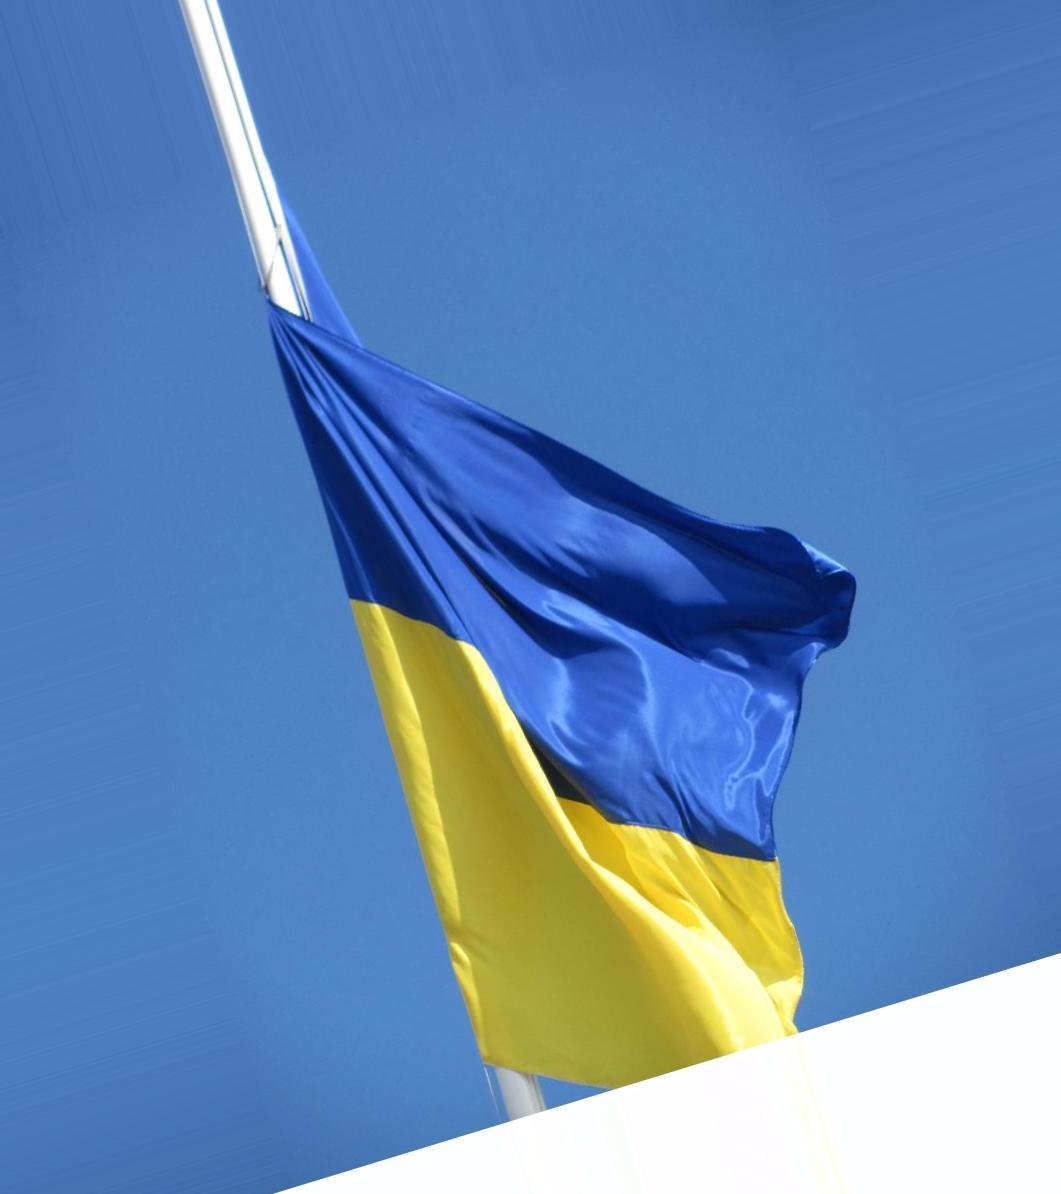 понравился флаг украины жовто блакитный фото терминология используется, как